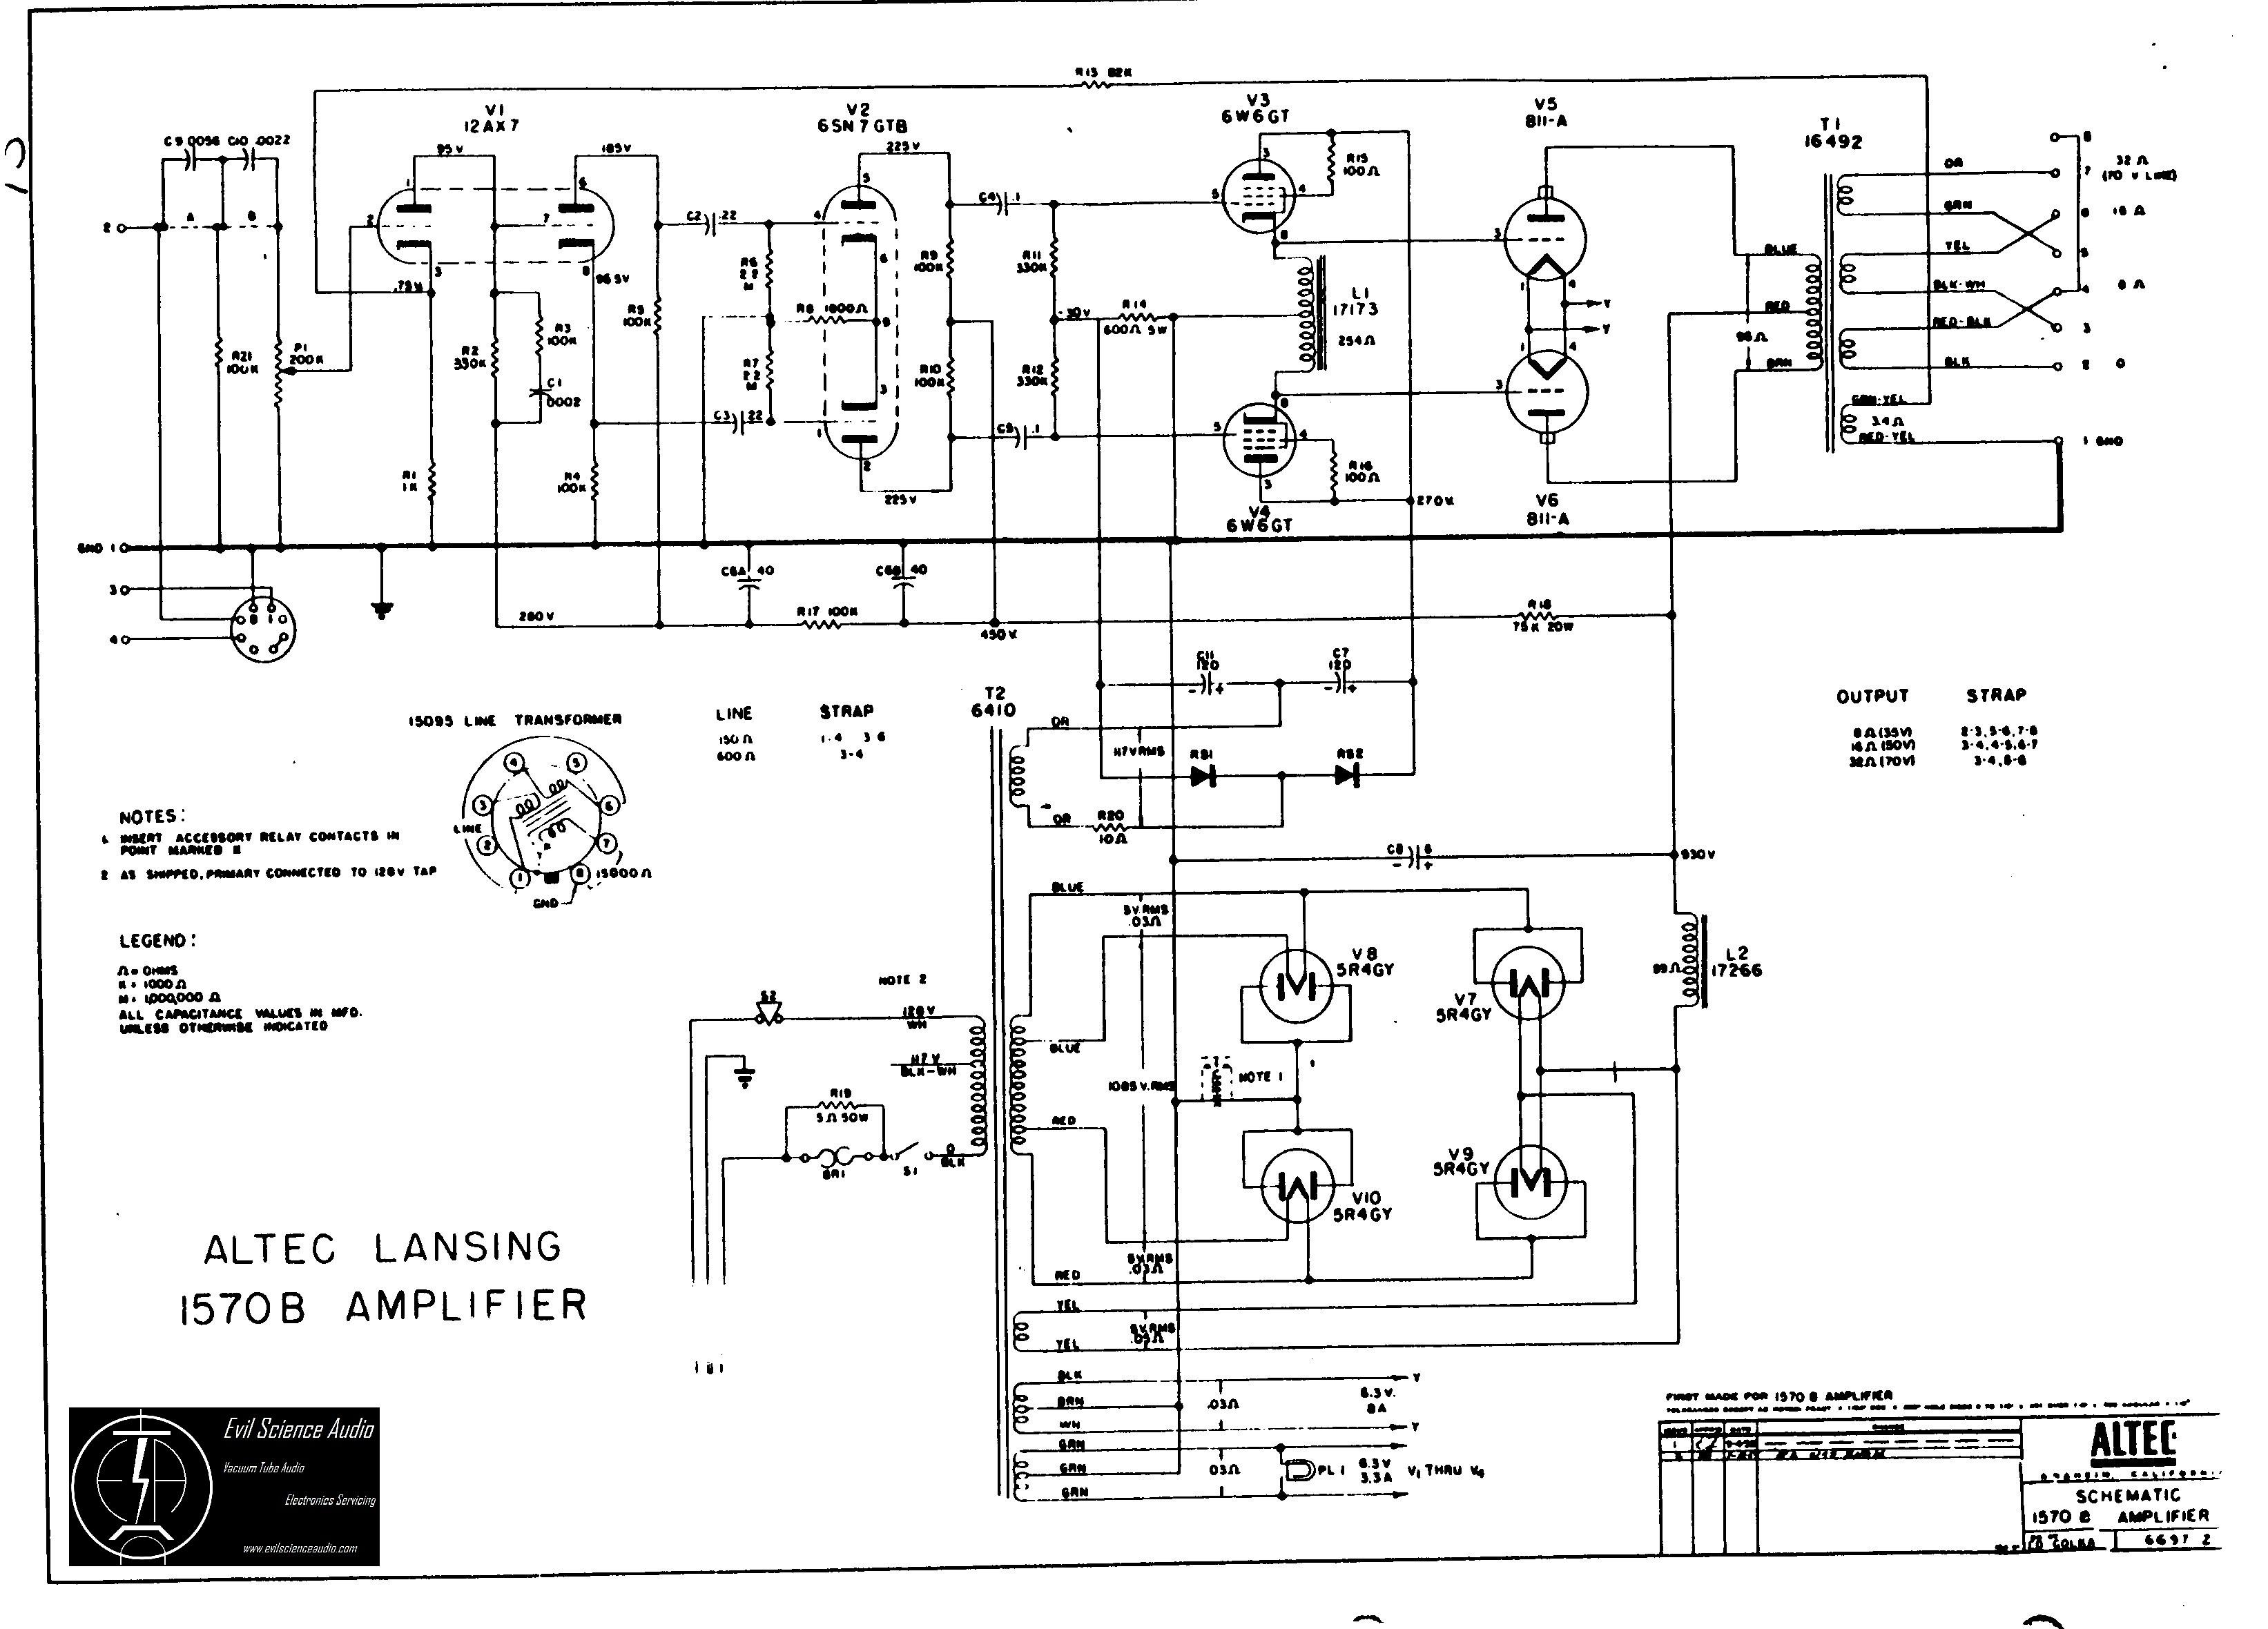 Brilliant Telsta Boom Truck Wiring Diagram Schematic Diagram Download Wiring 101 Photwellnesstrialsorg